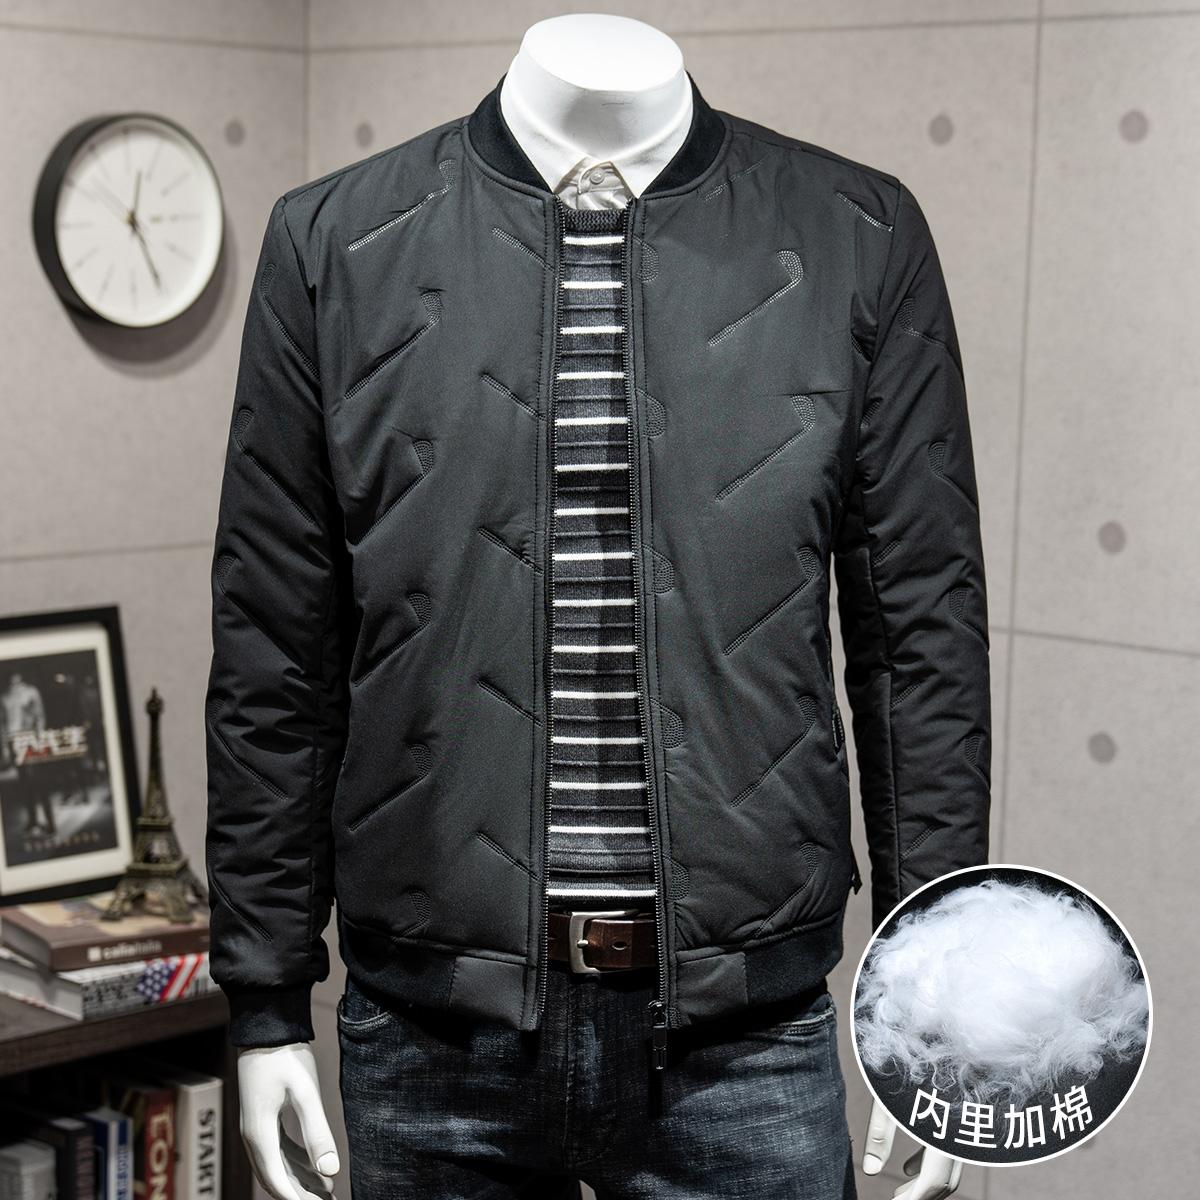 觅先生抖音同款男士外套薄款棉衣韩版百搭潮男短款帅气棒球服夹克